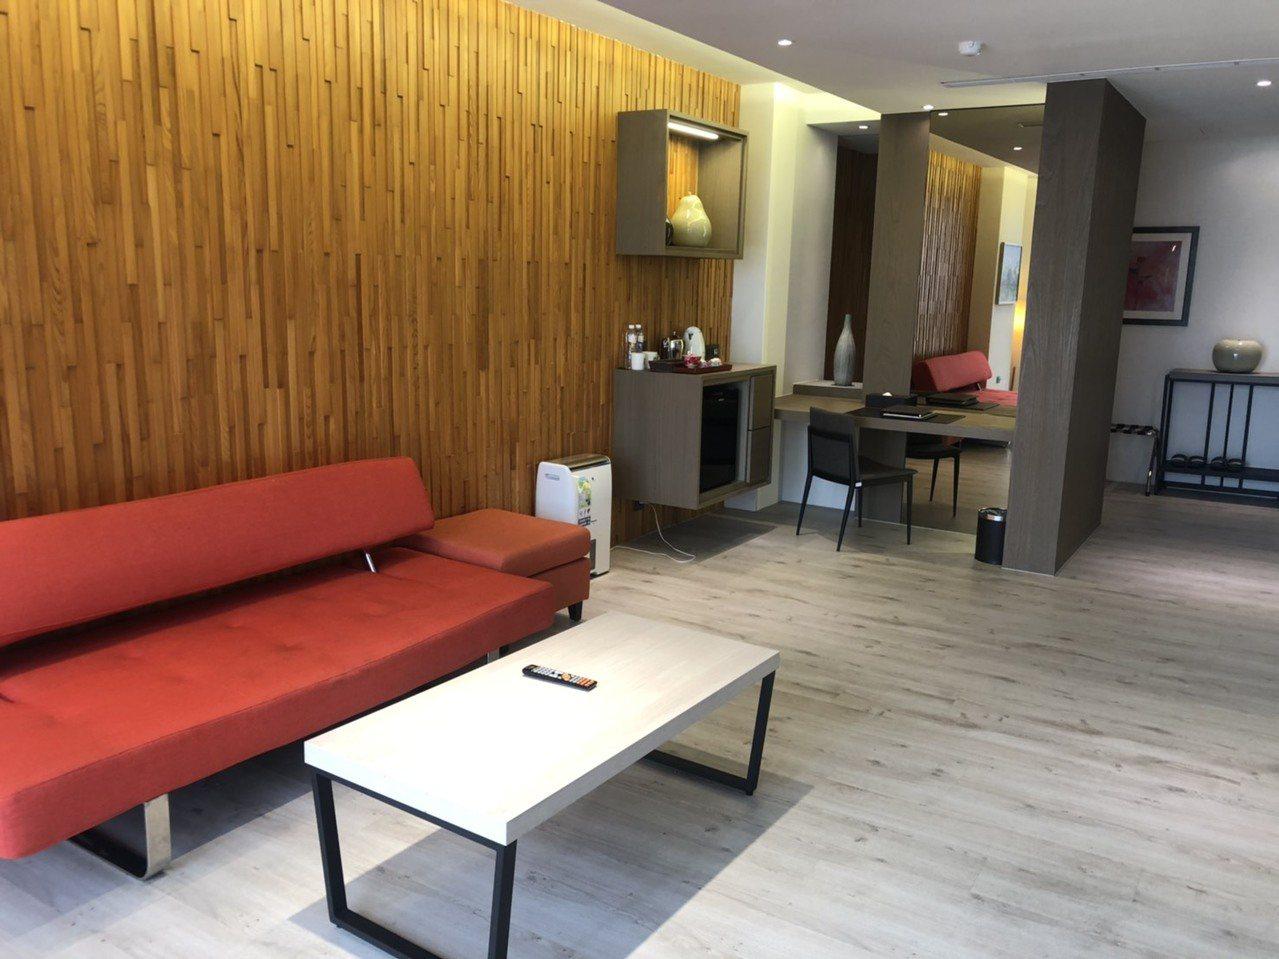 樂億皇家酒店房間寬敞明亮,商務客來可辦公也能放鬆。記者李承穎/攝影